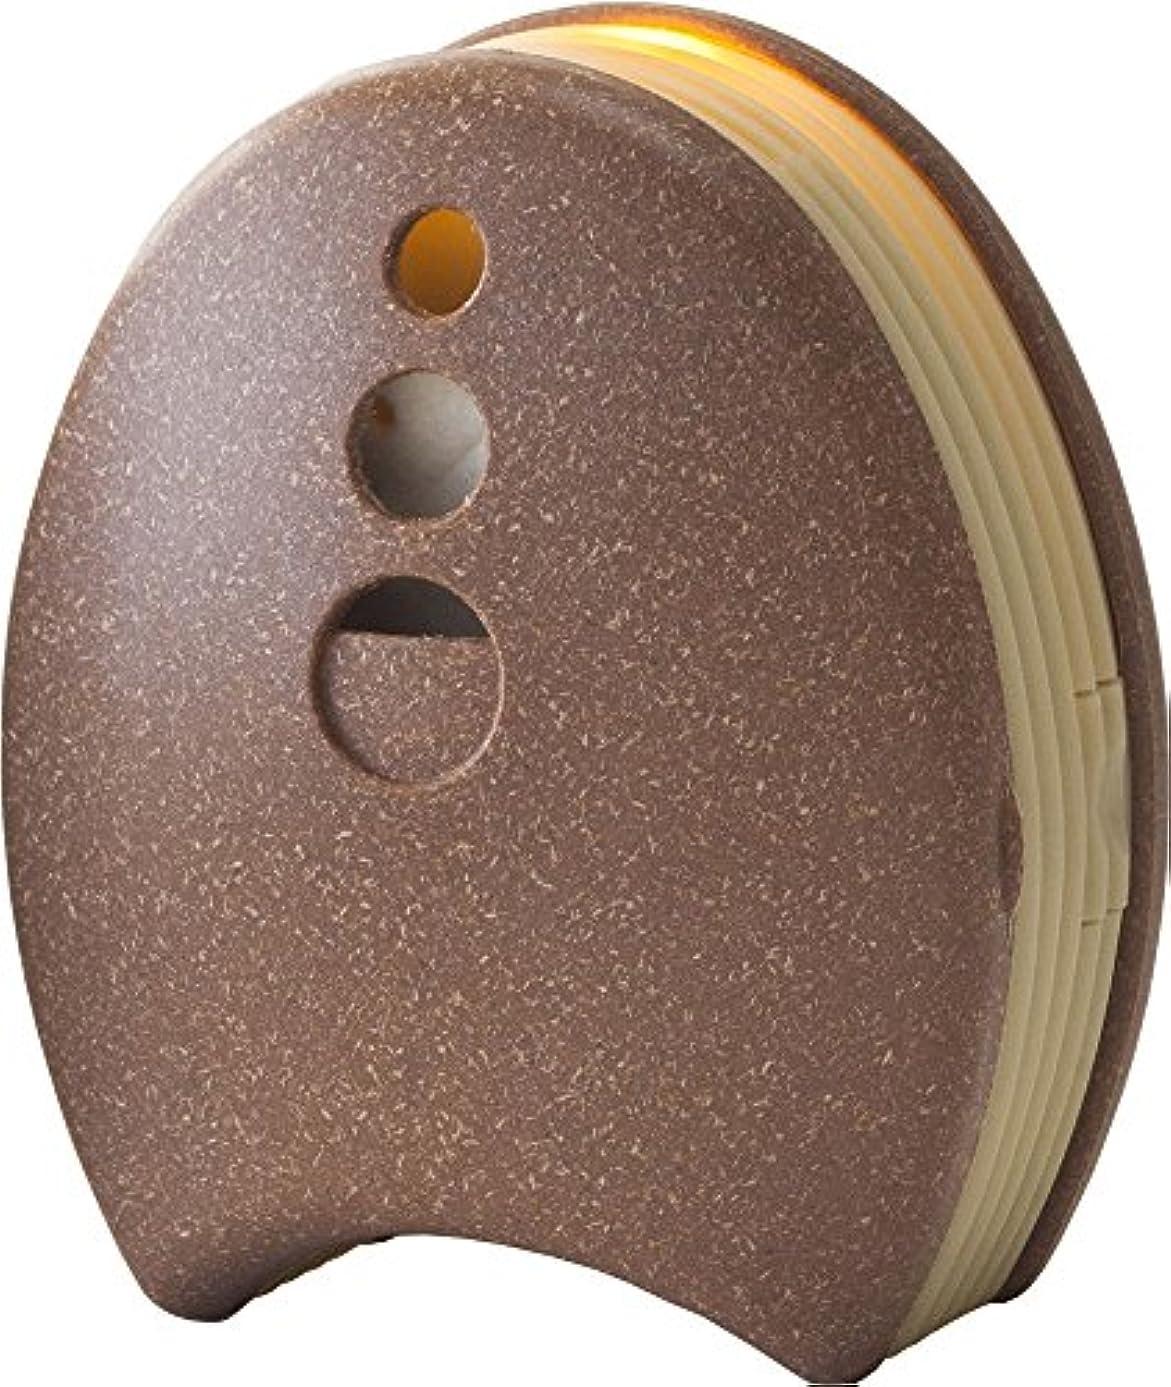 ペレグリネーションリビングルーム保持ウッドブリーズ Ecomini (エコミニ) T 木質ブラウン